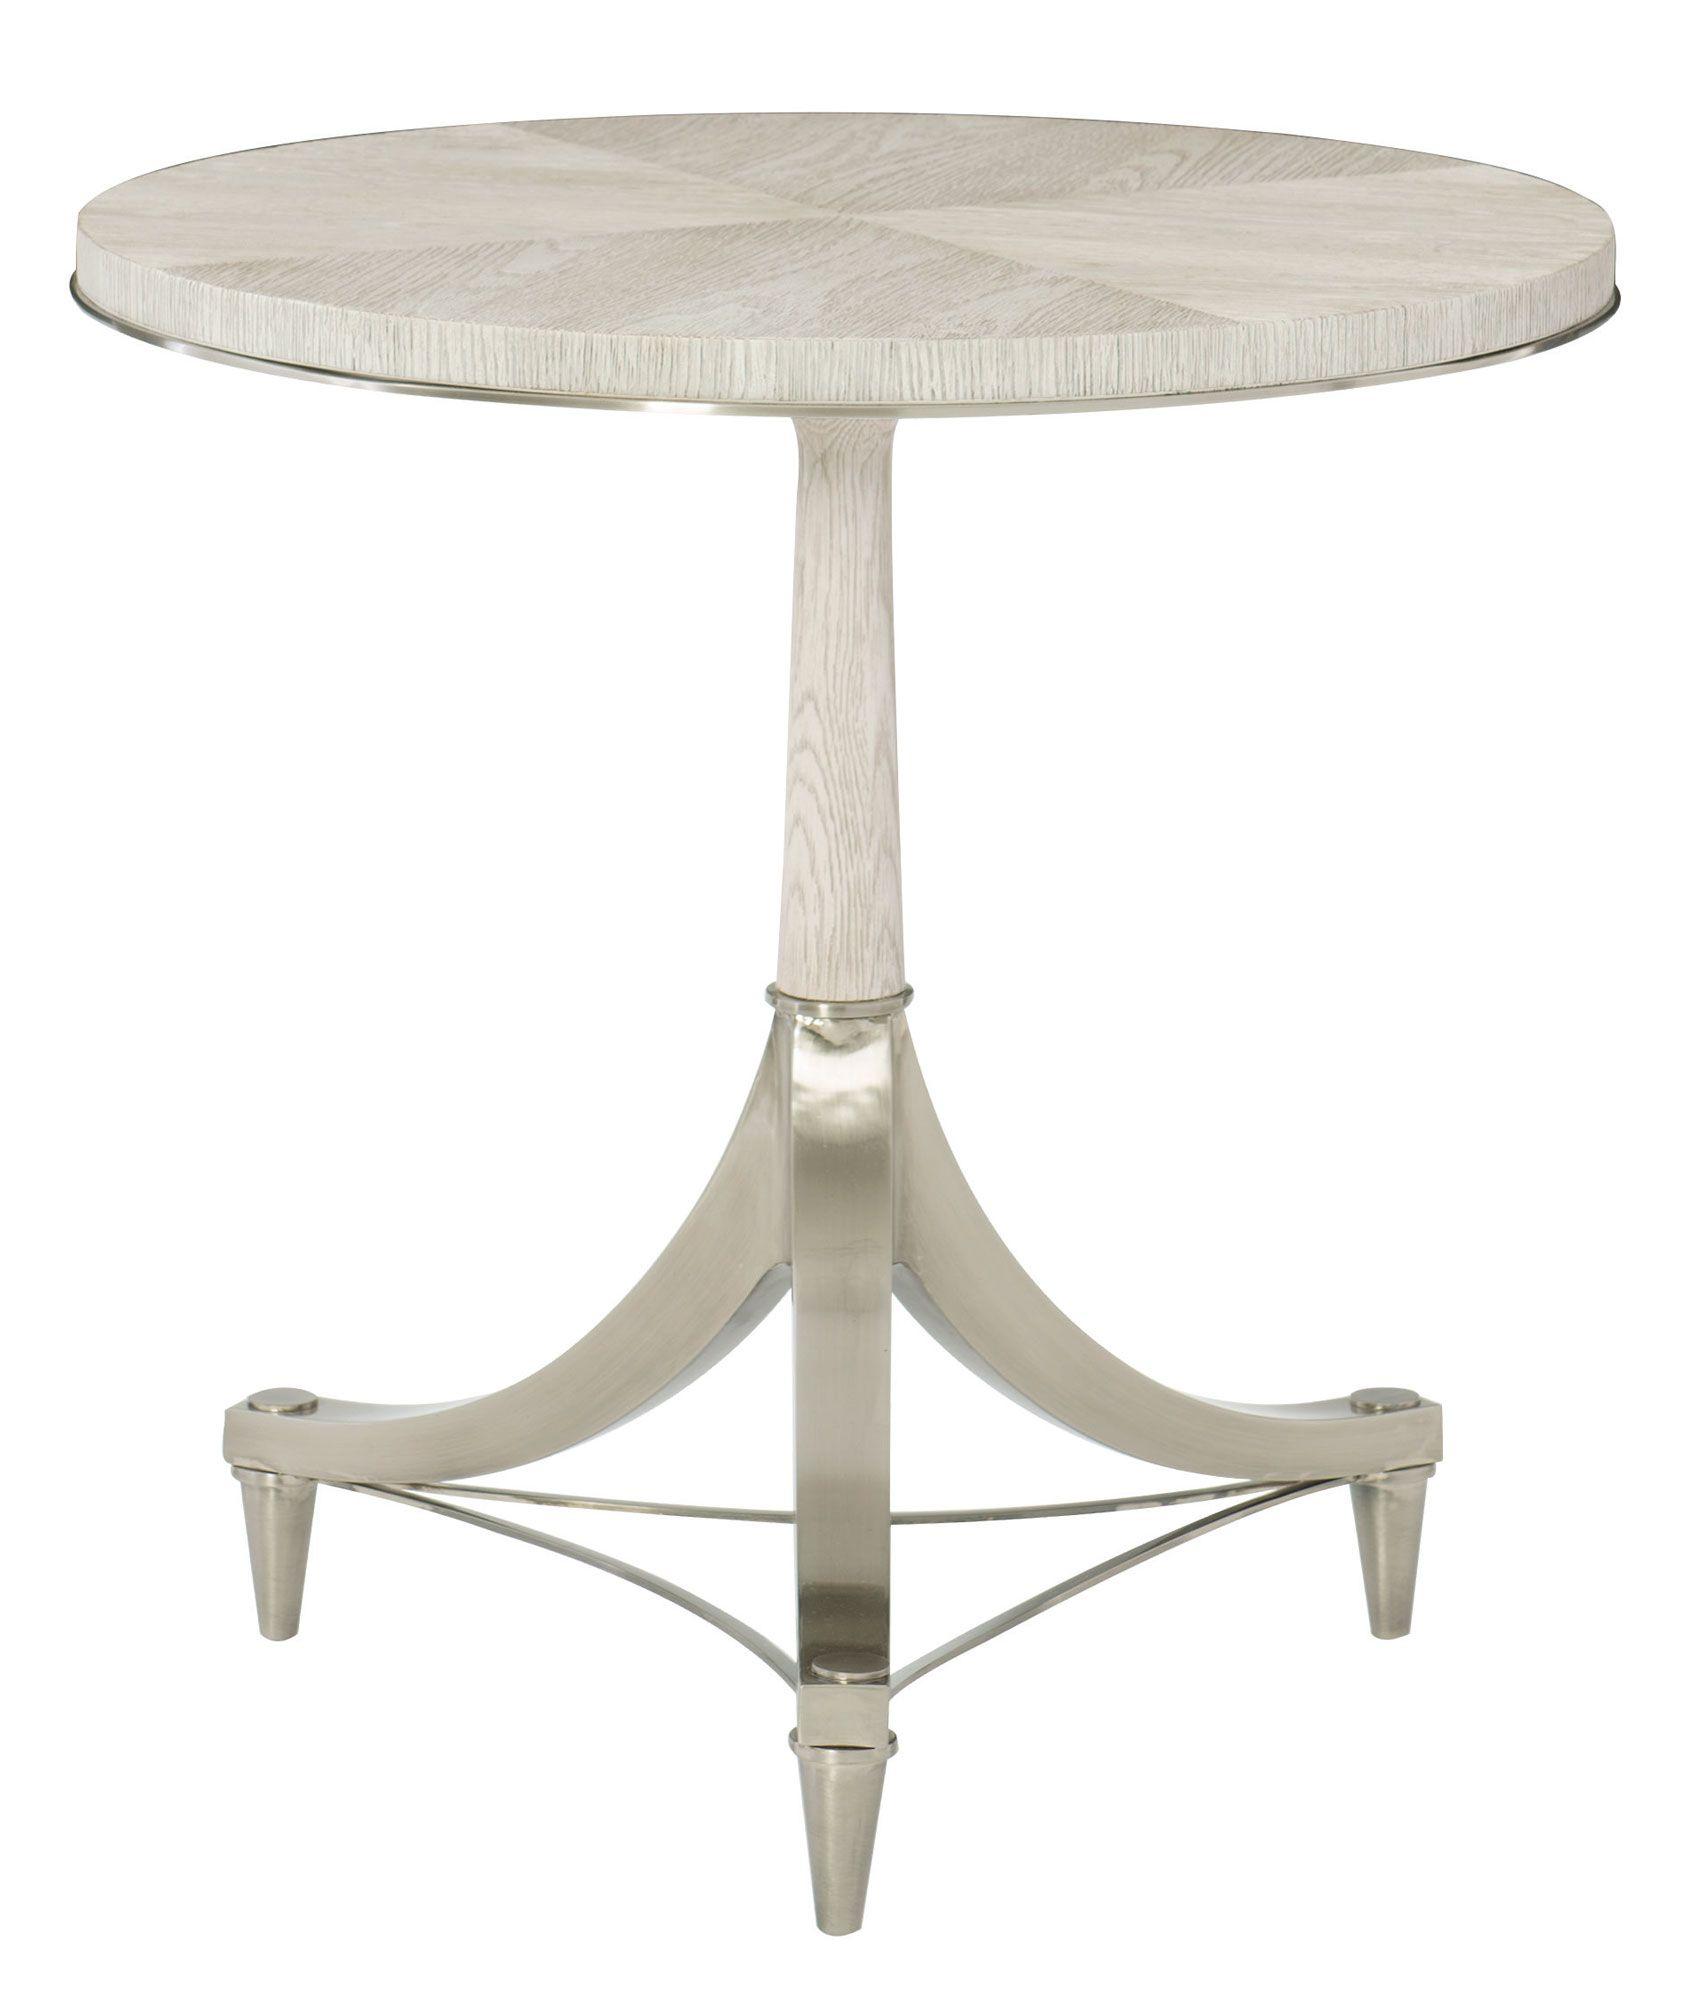 Round Pedestal Chairside Table Bernhardt